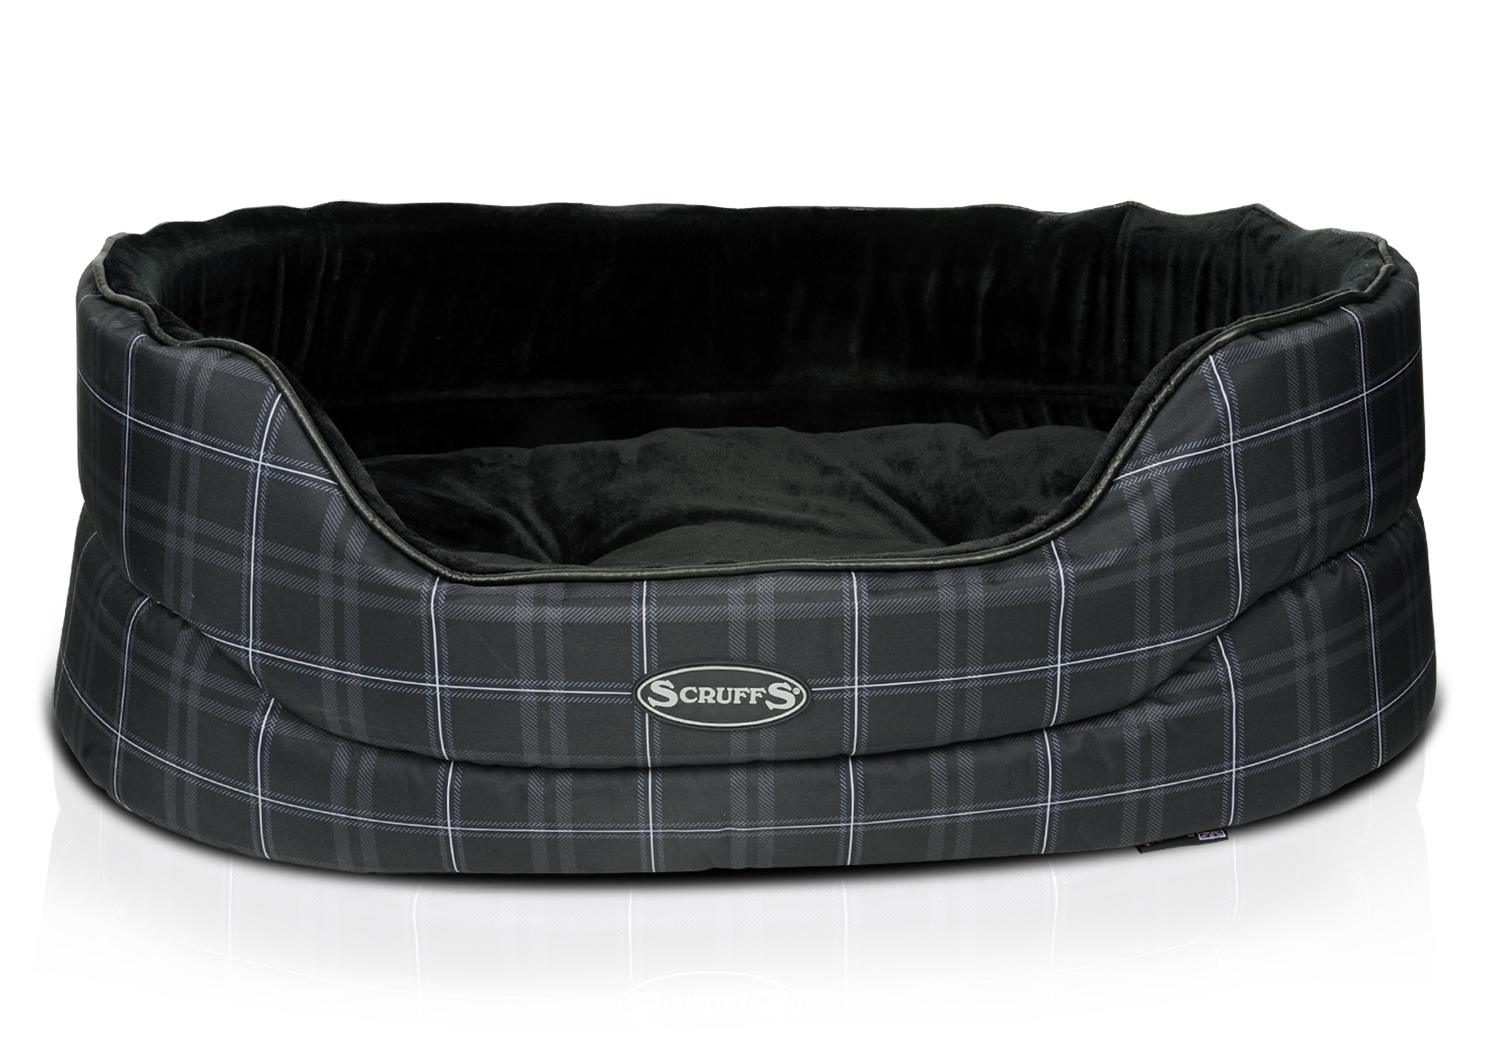 Лежанка для собаки Scruffs плюш 46x65x23см черный